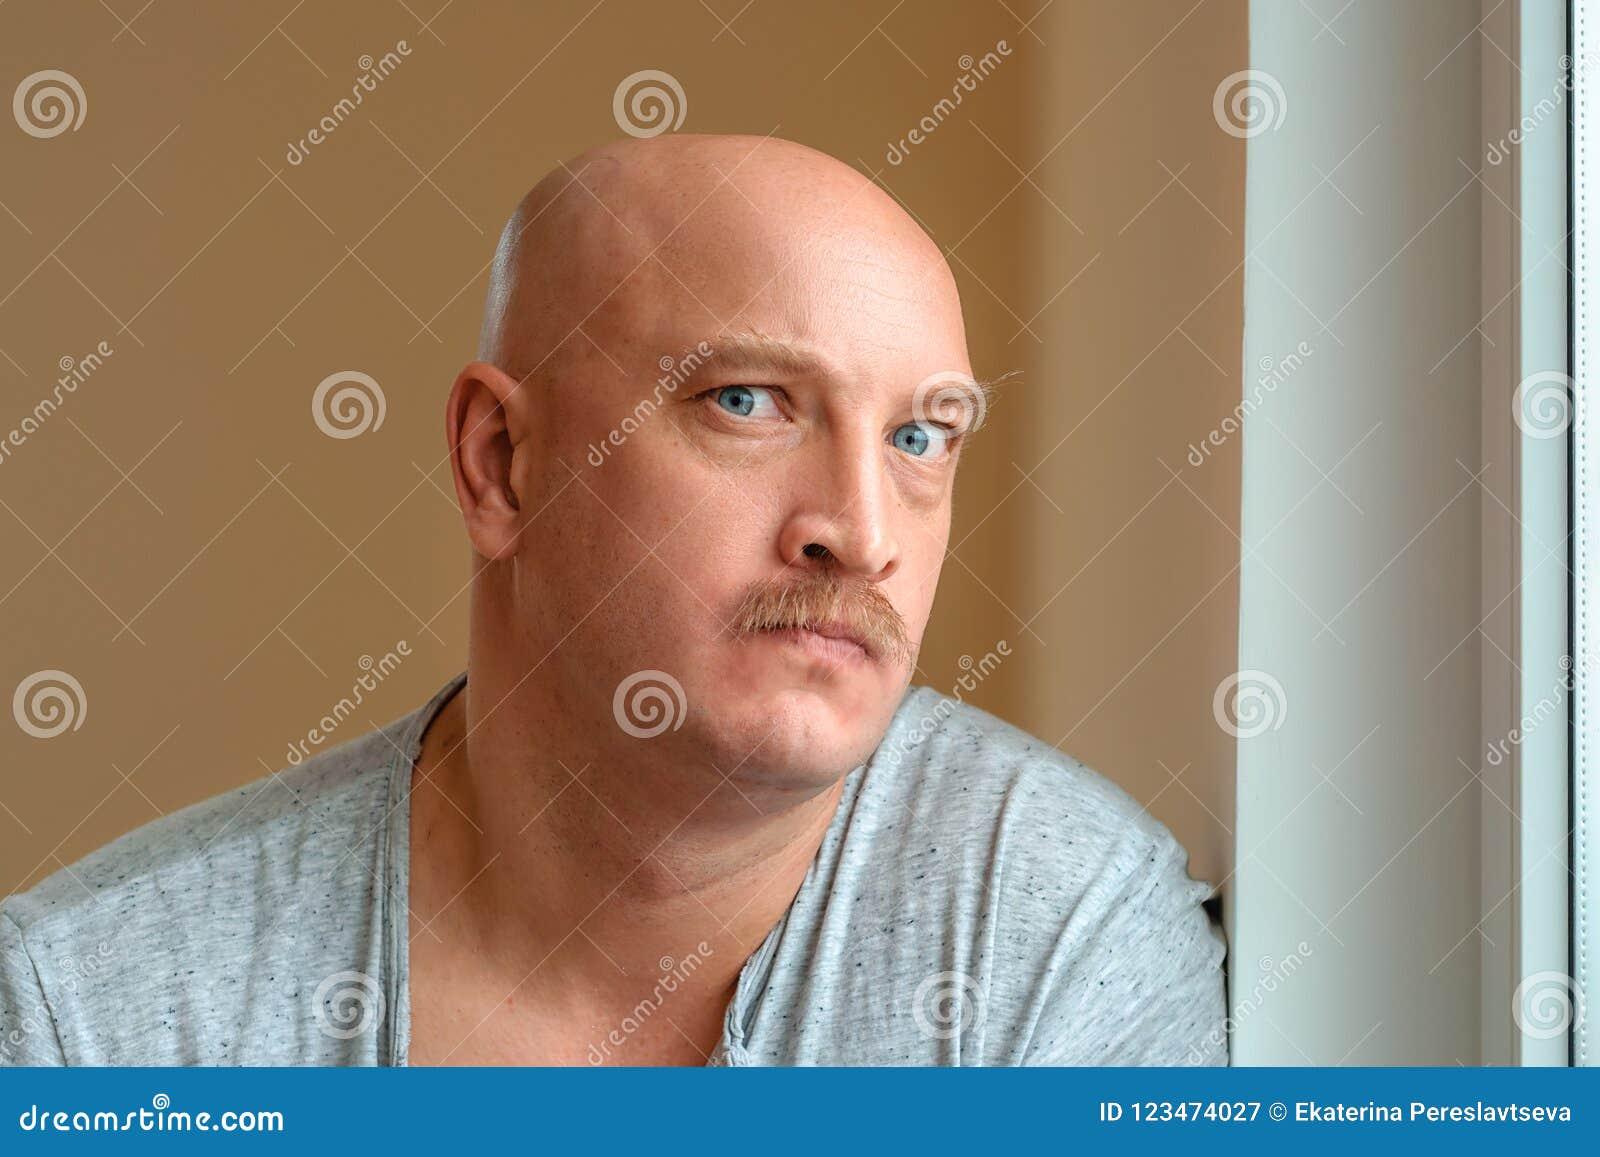 Emocjonalny mężczyzna z wąsy różnymi wyrazami twarzy na twarzy